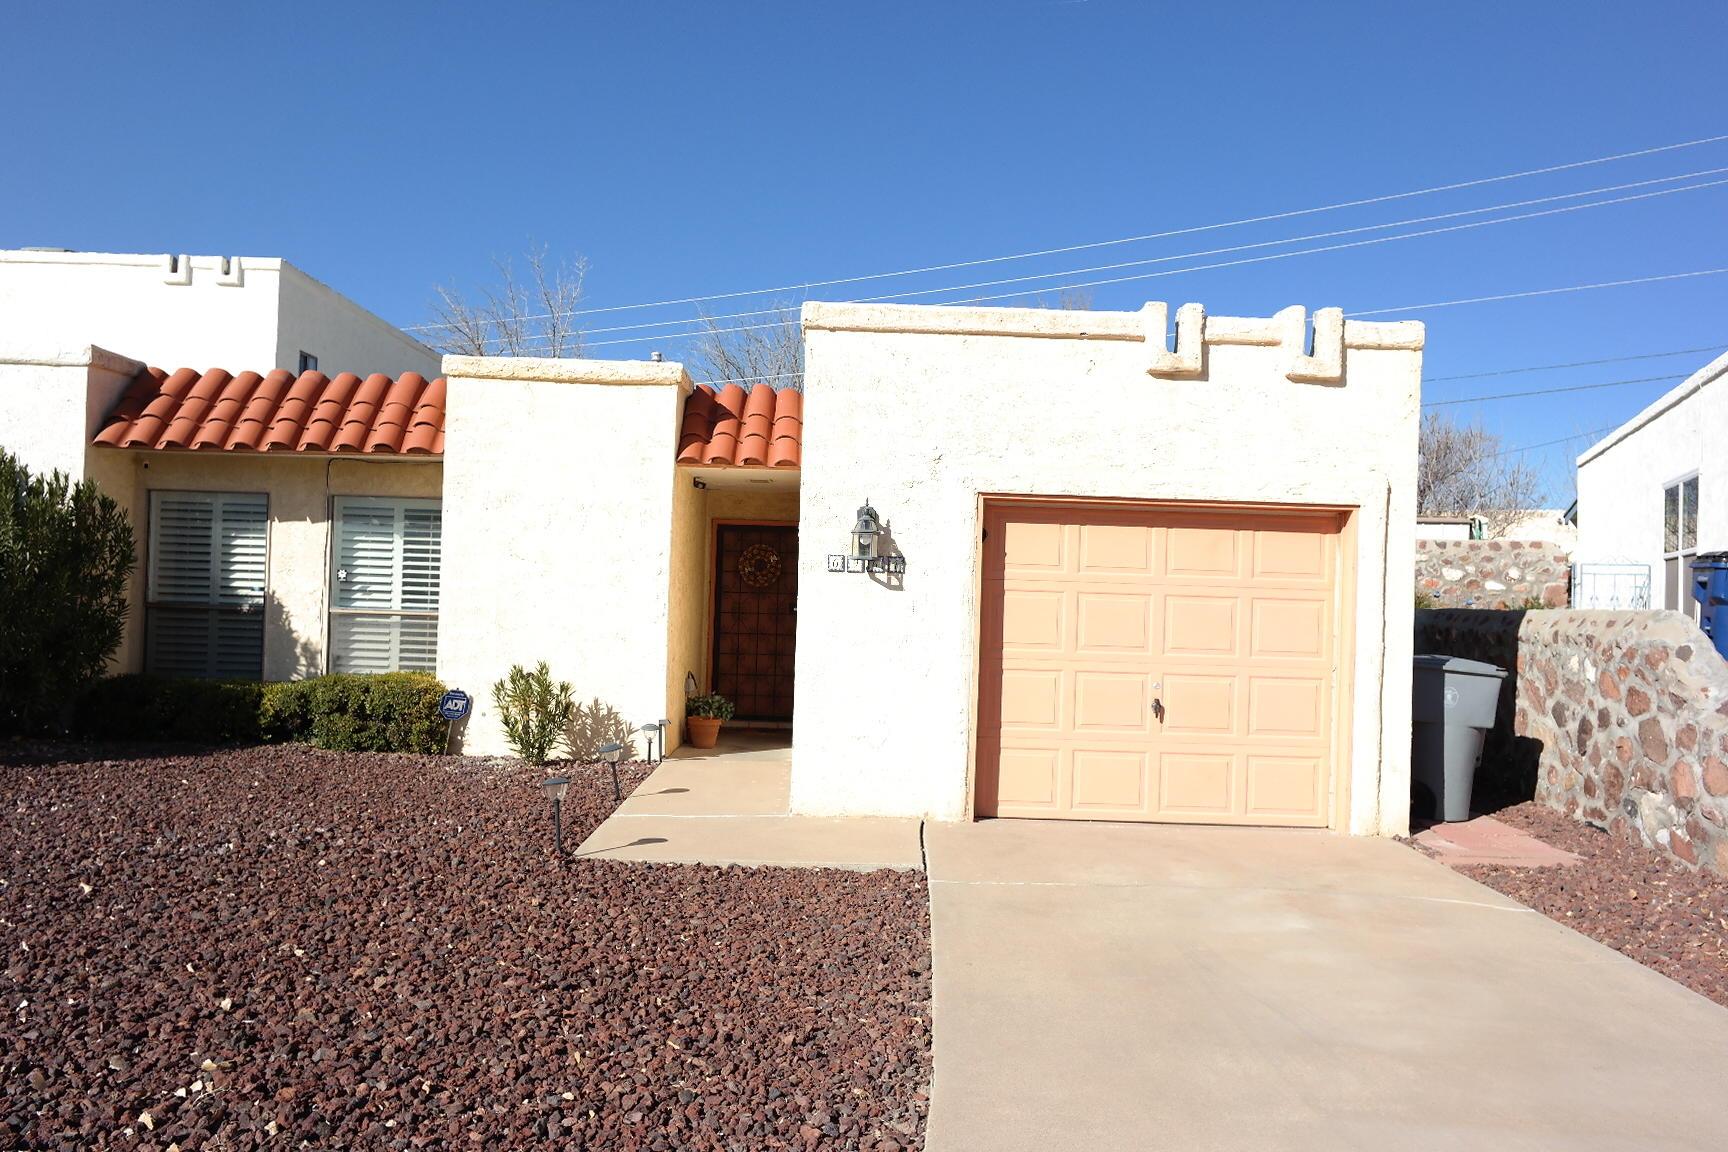 6964 ESCONDIDO, El Paso, Texas 79912, 2 Bedrooms Bedrooms, ,2 BathroomsBathrooms,Residential,For sale,ESCONDIDO,822188